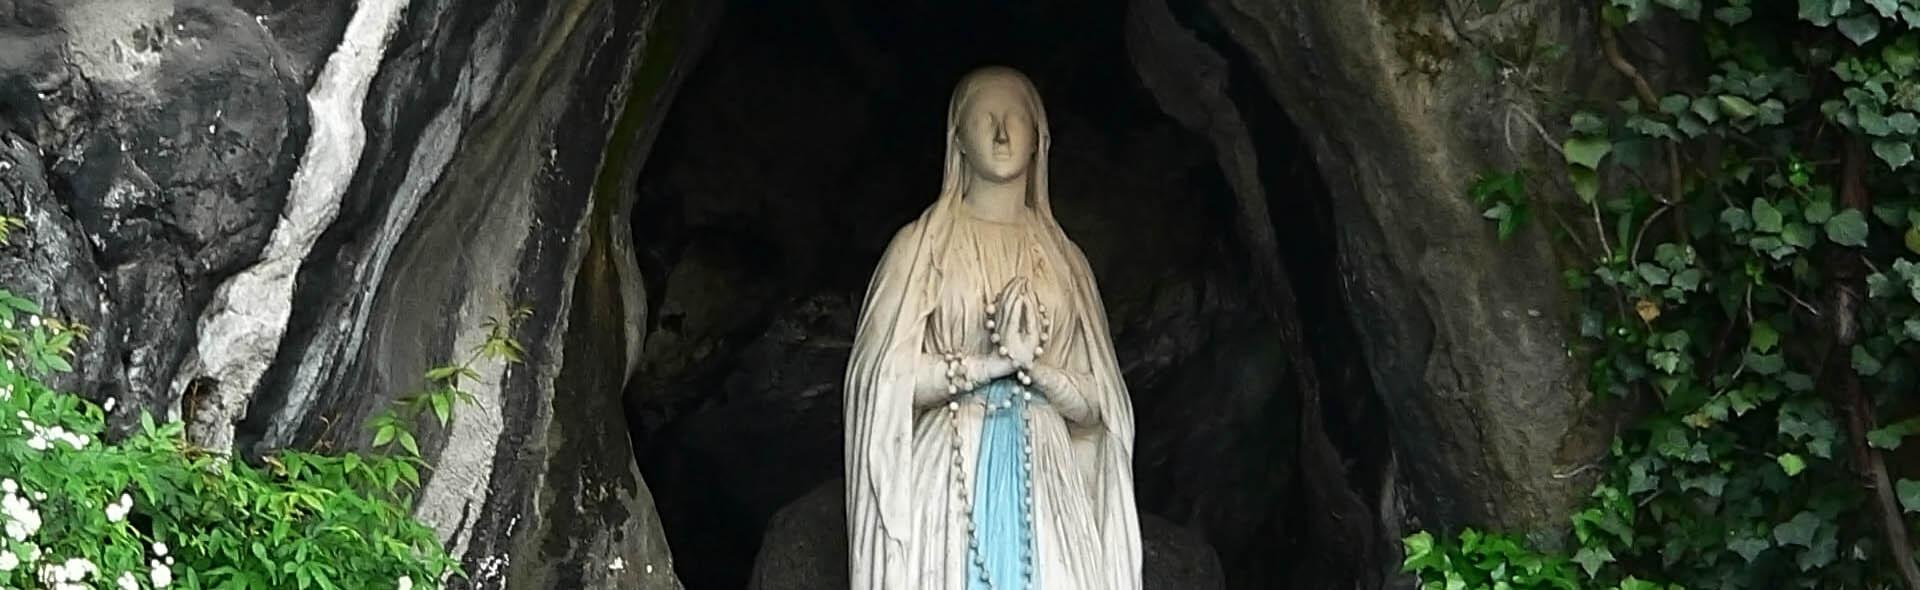 Viaggio a Lourdes in Aereo da Milano Novembre